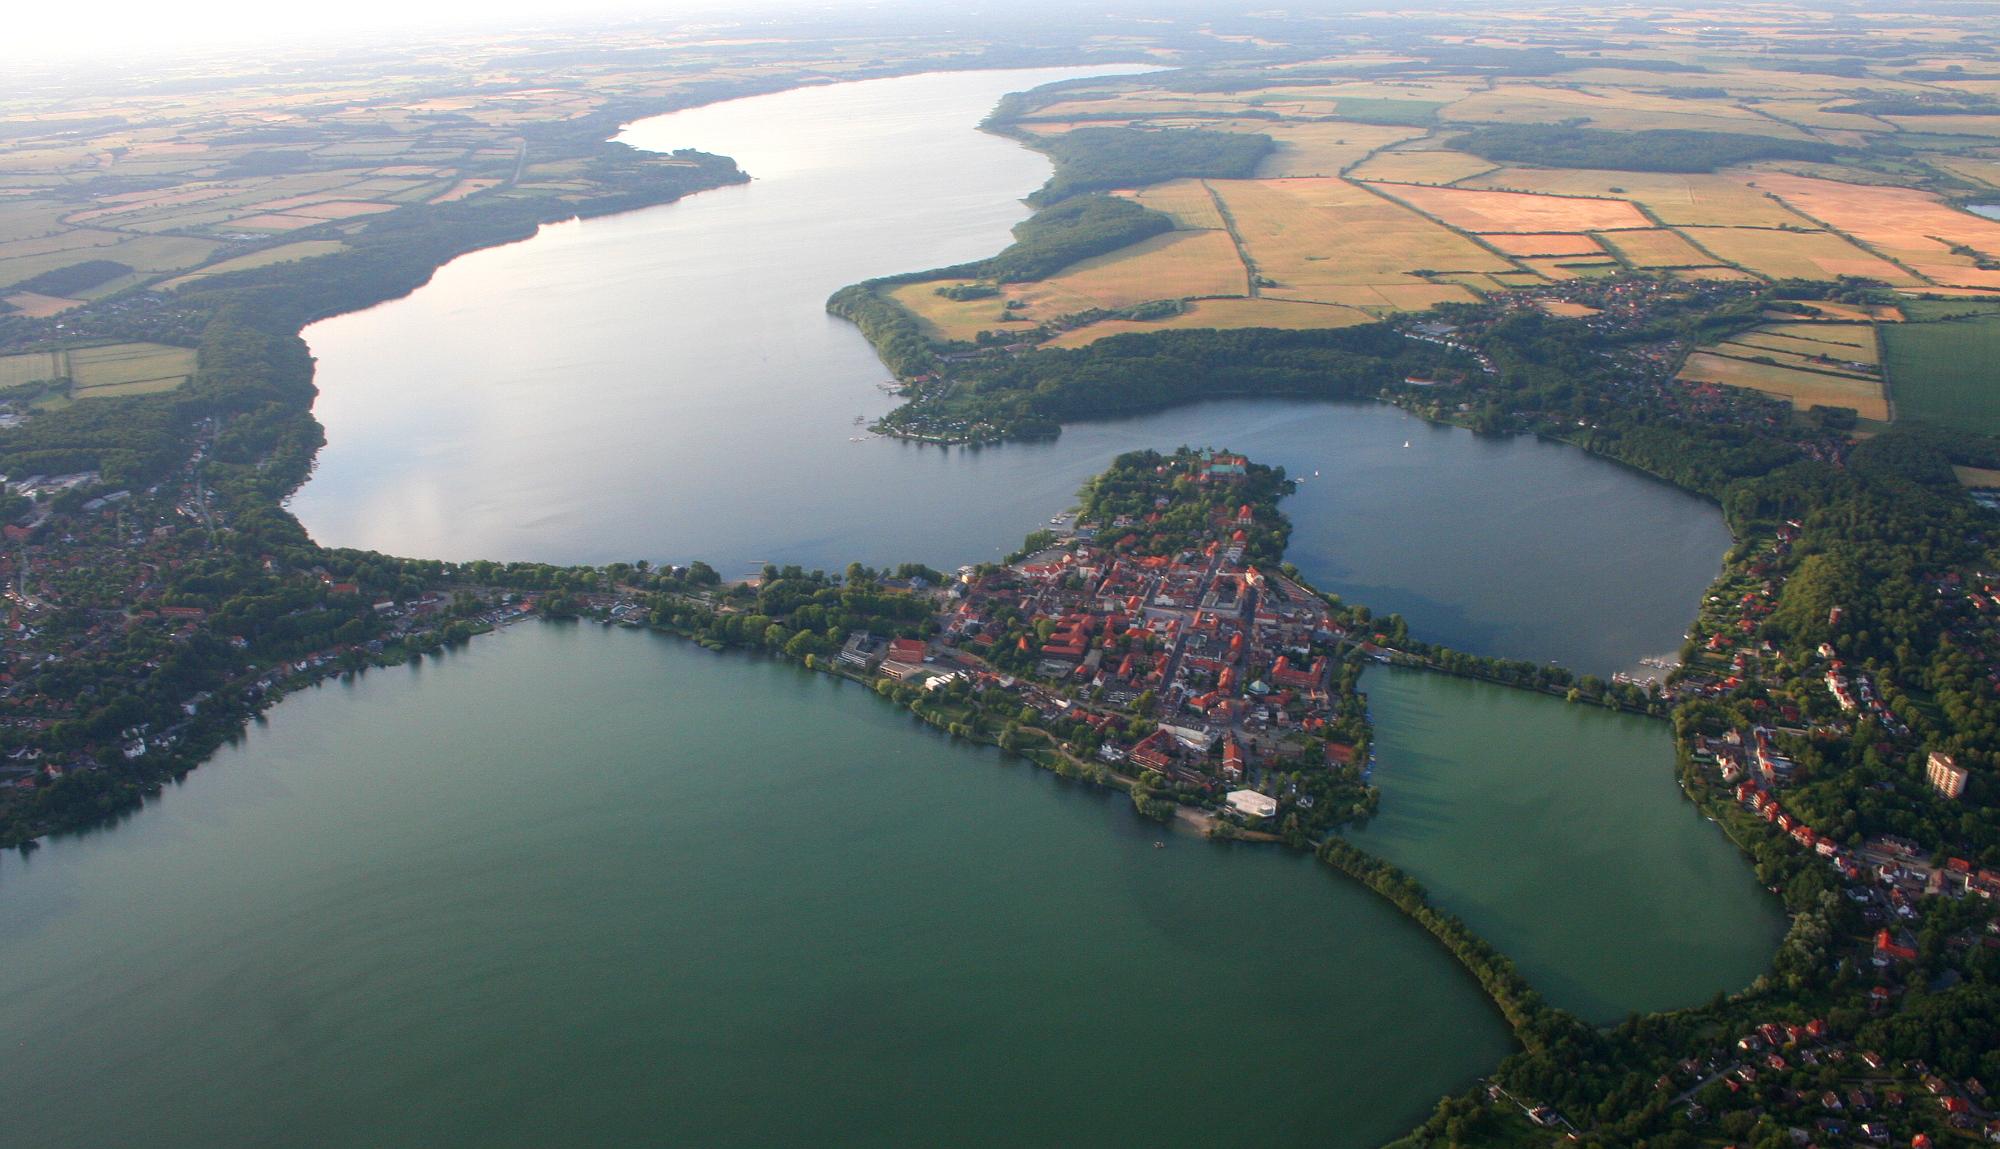 Küchensee Ratzeburg Wandern ~ anhaltende wärme belastet badegewässer u2013 warnung für ratzeburger see und küchensee herzogtum